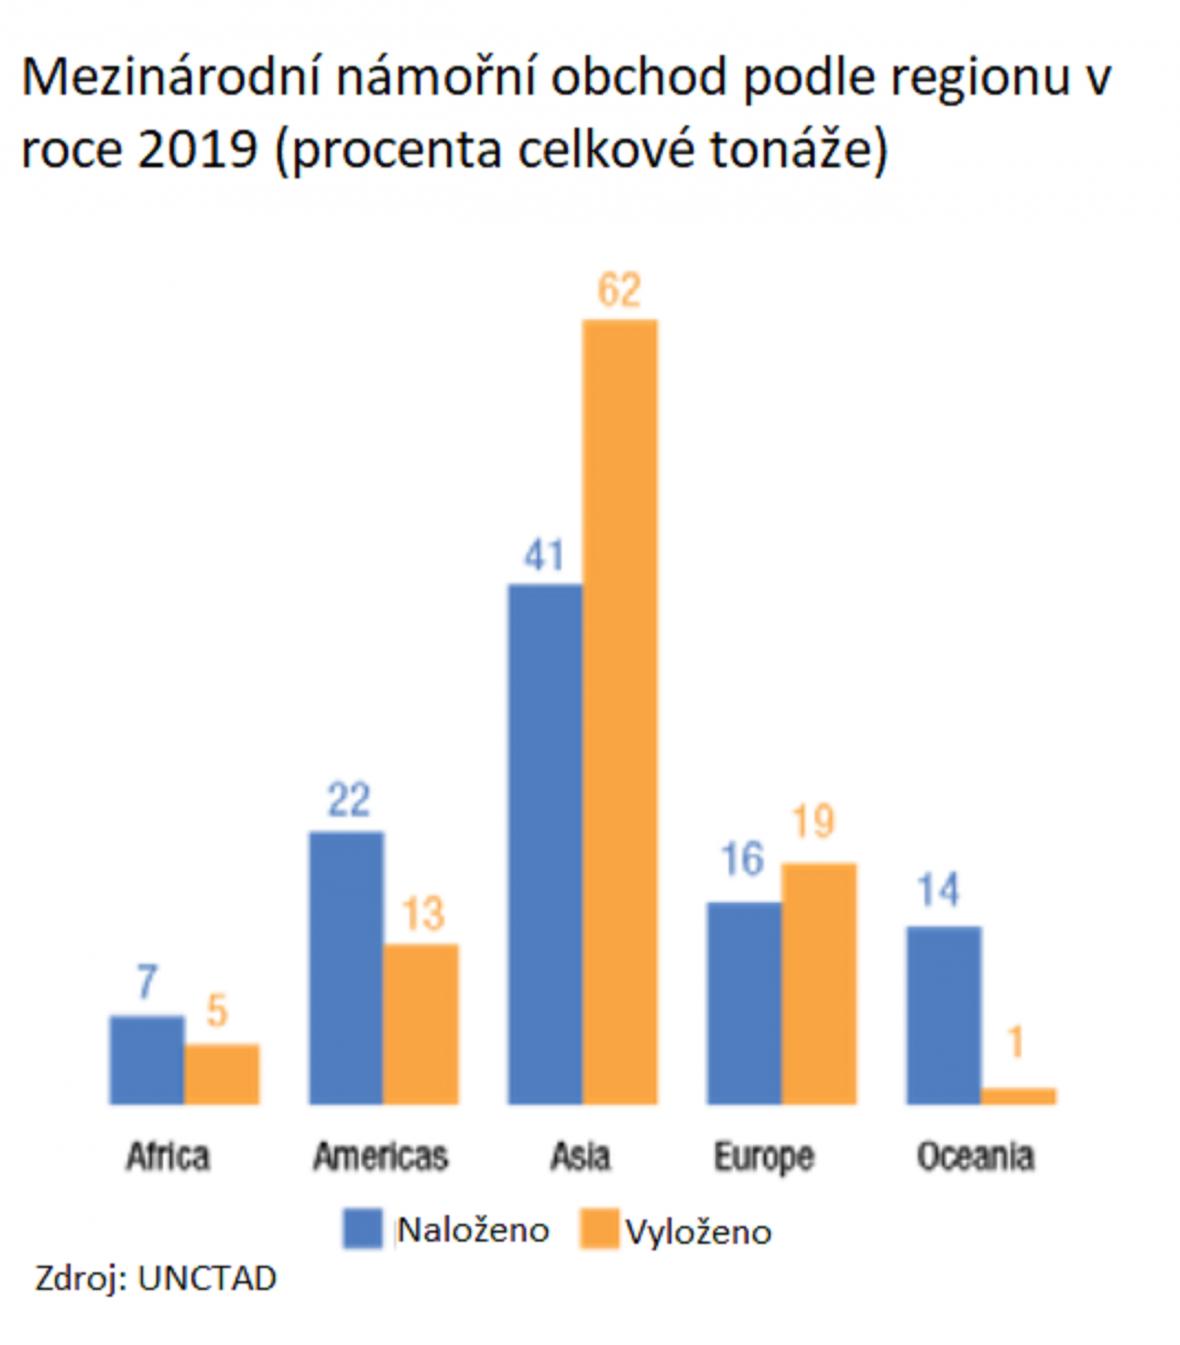 Mezinárodní námořní obchod podle regionů